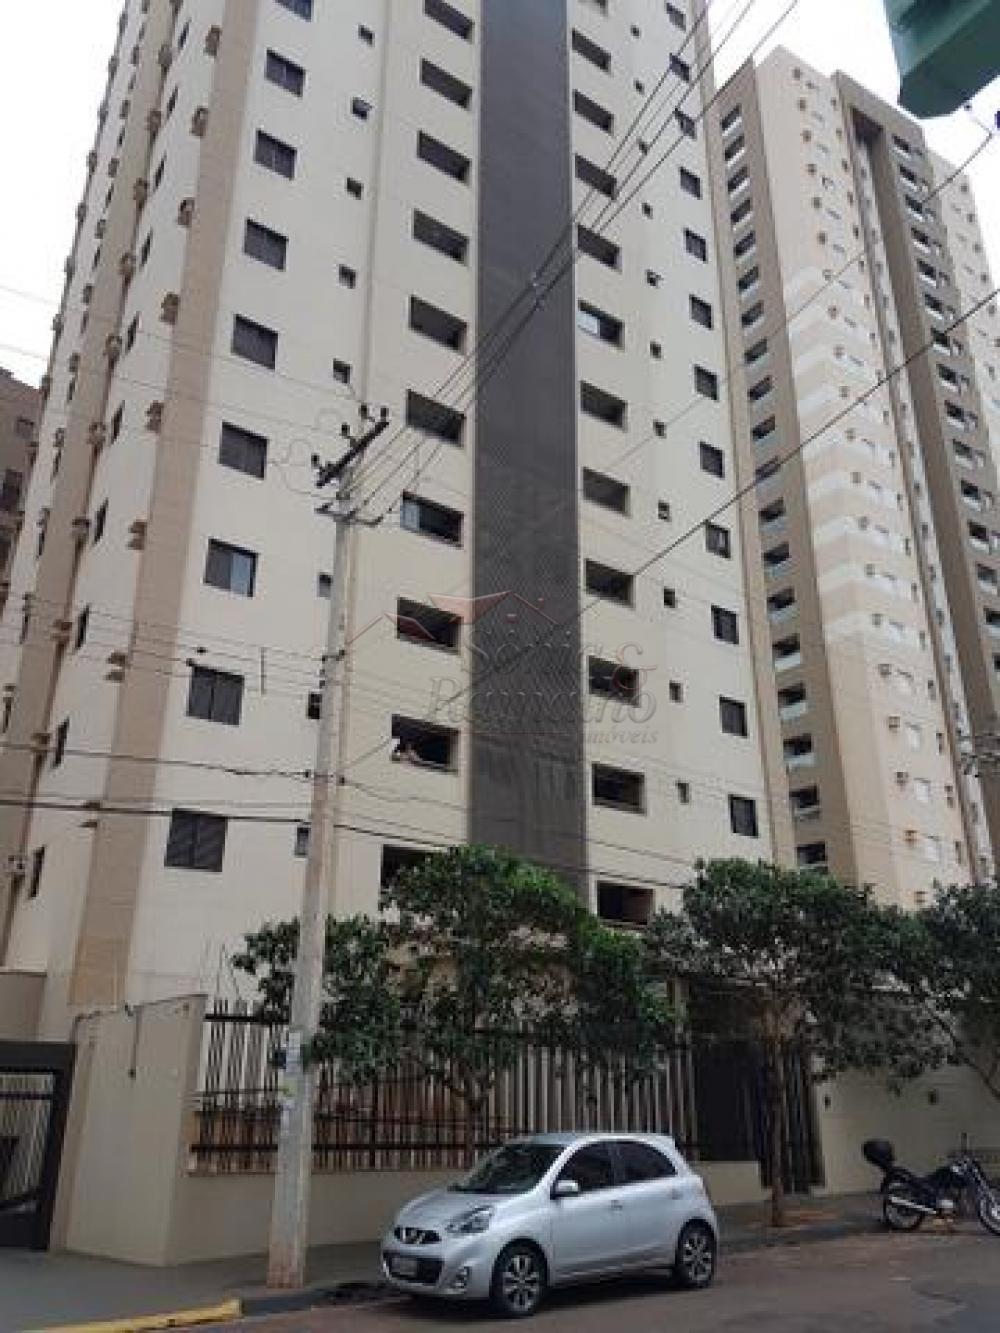 Comprar Apartamentos / Padrão em Ribeirão Preto apenas R$ 300.000,00 - Foto 1